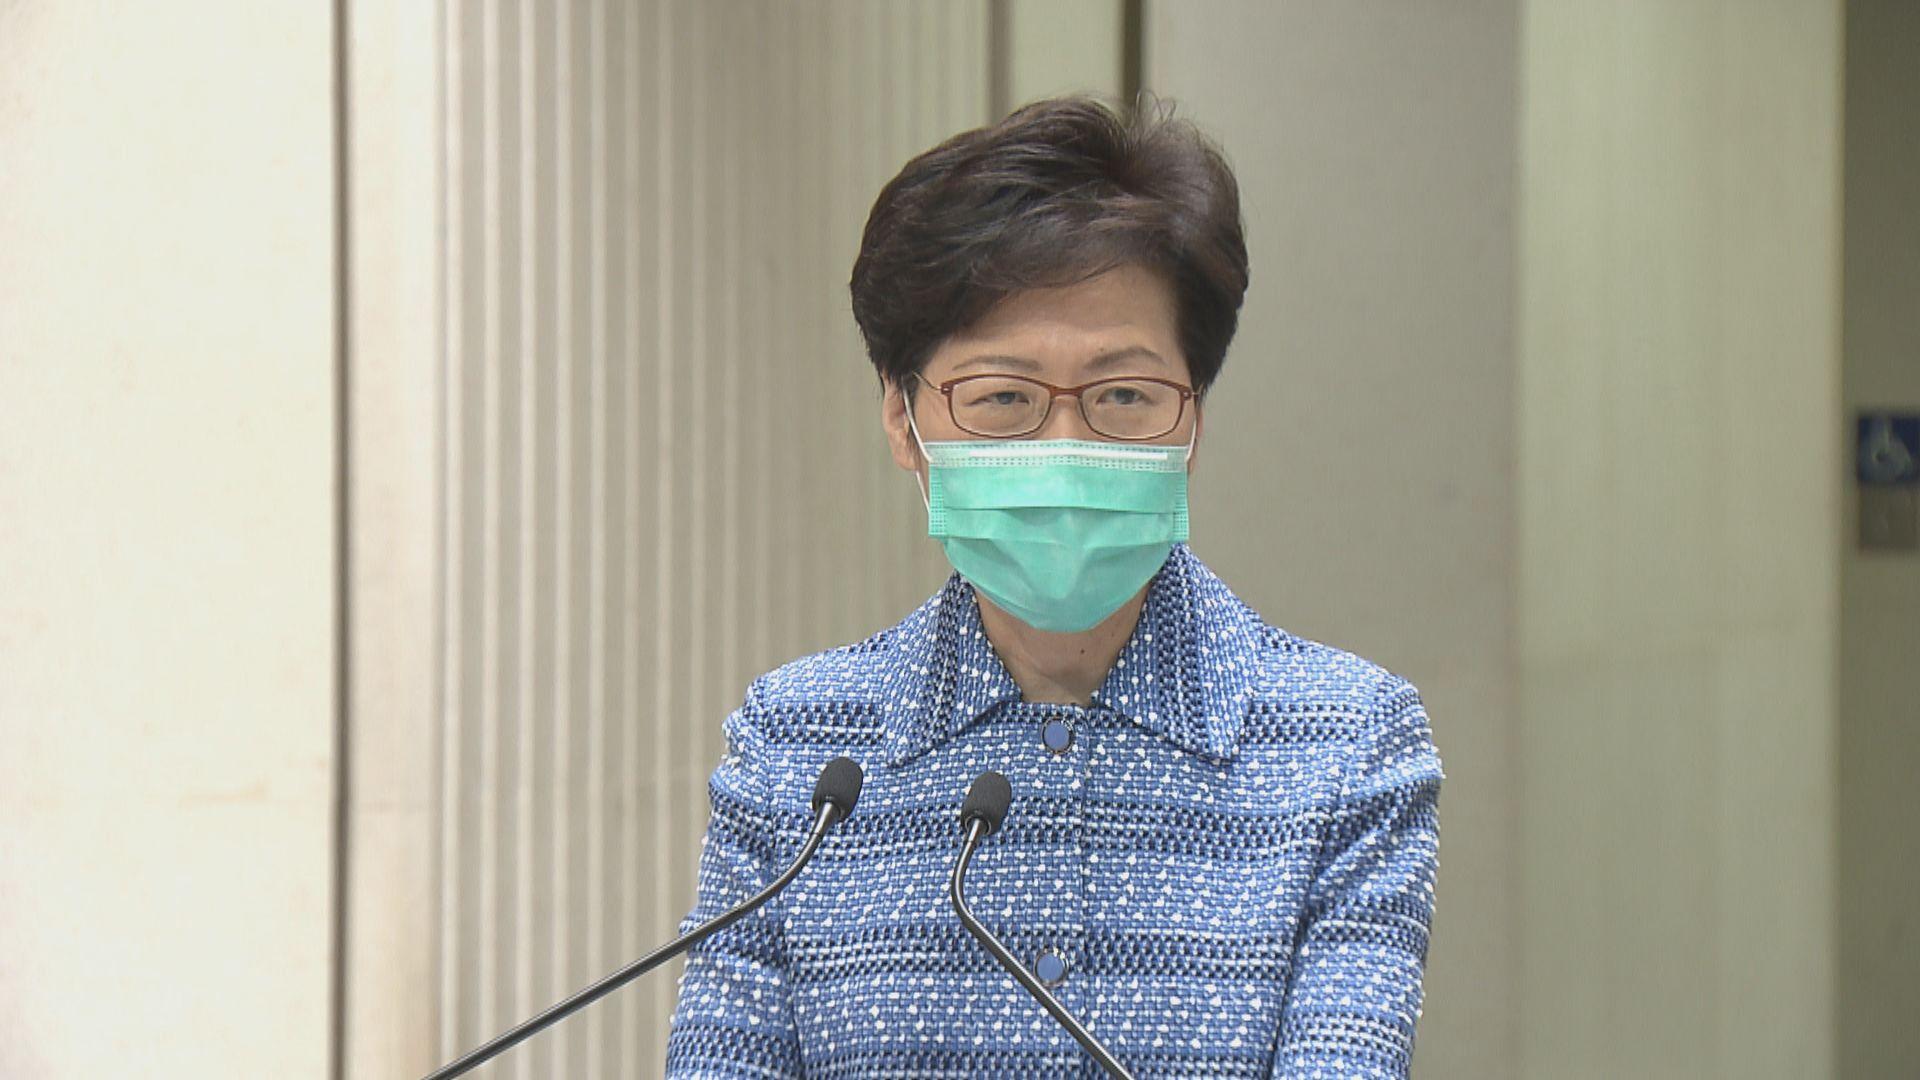 【最新】林鄭:周四起抵港人士須強制檢疫 4月20日全面復課無望